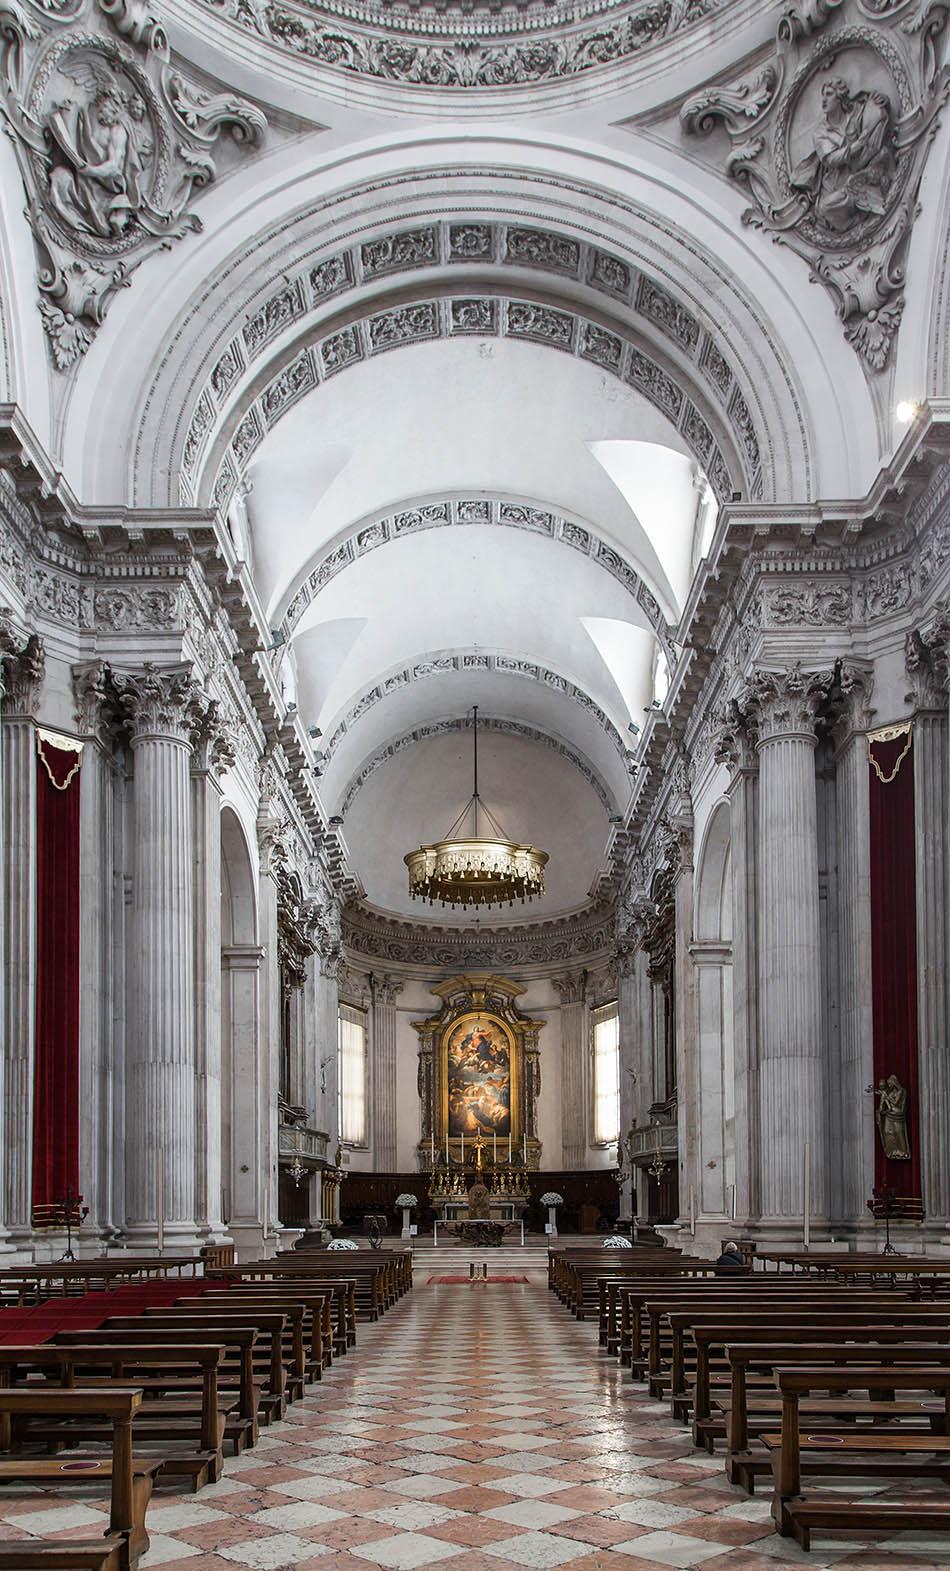 Fabian Fröhlich, Brescia, Cattedrale di Santa Maria Assunta